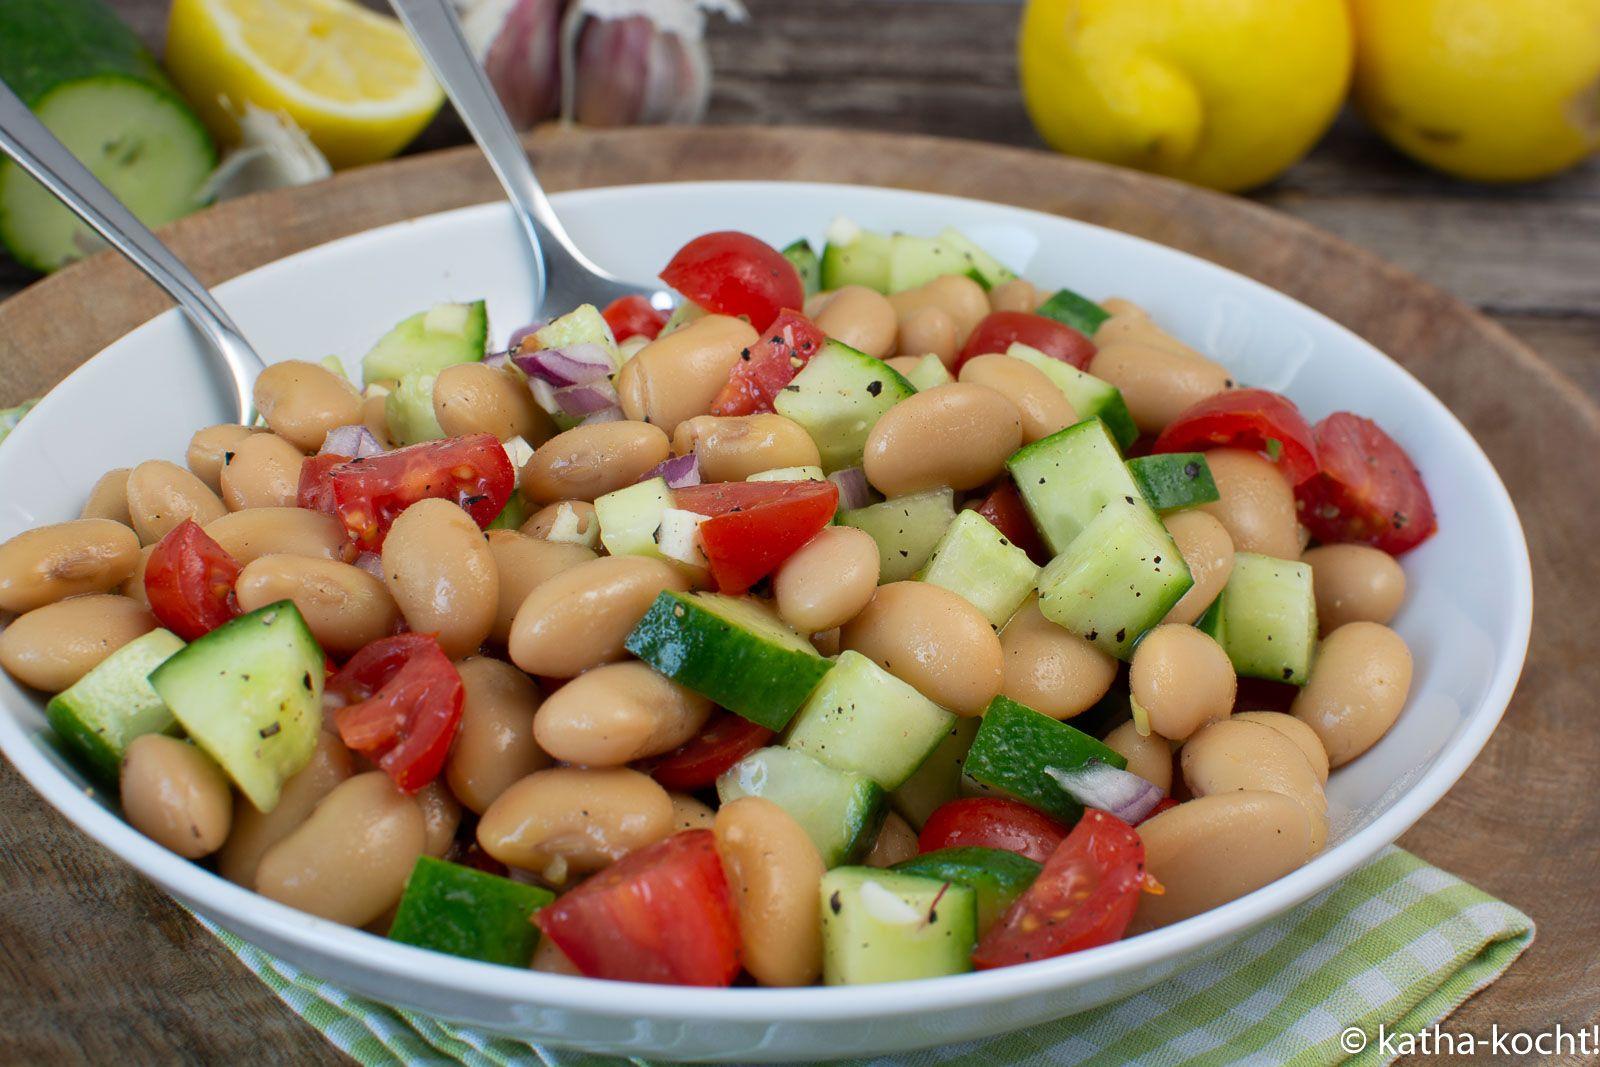 Photo of Frischer Bohnensalat mit Gurke und Tomate – Katha-kocht!